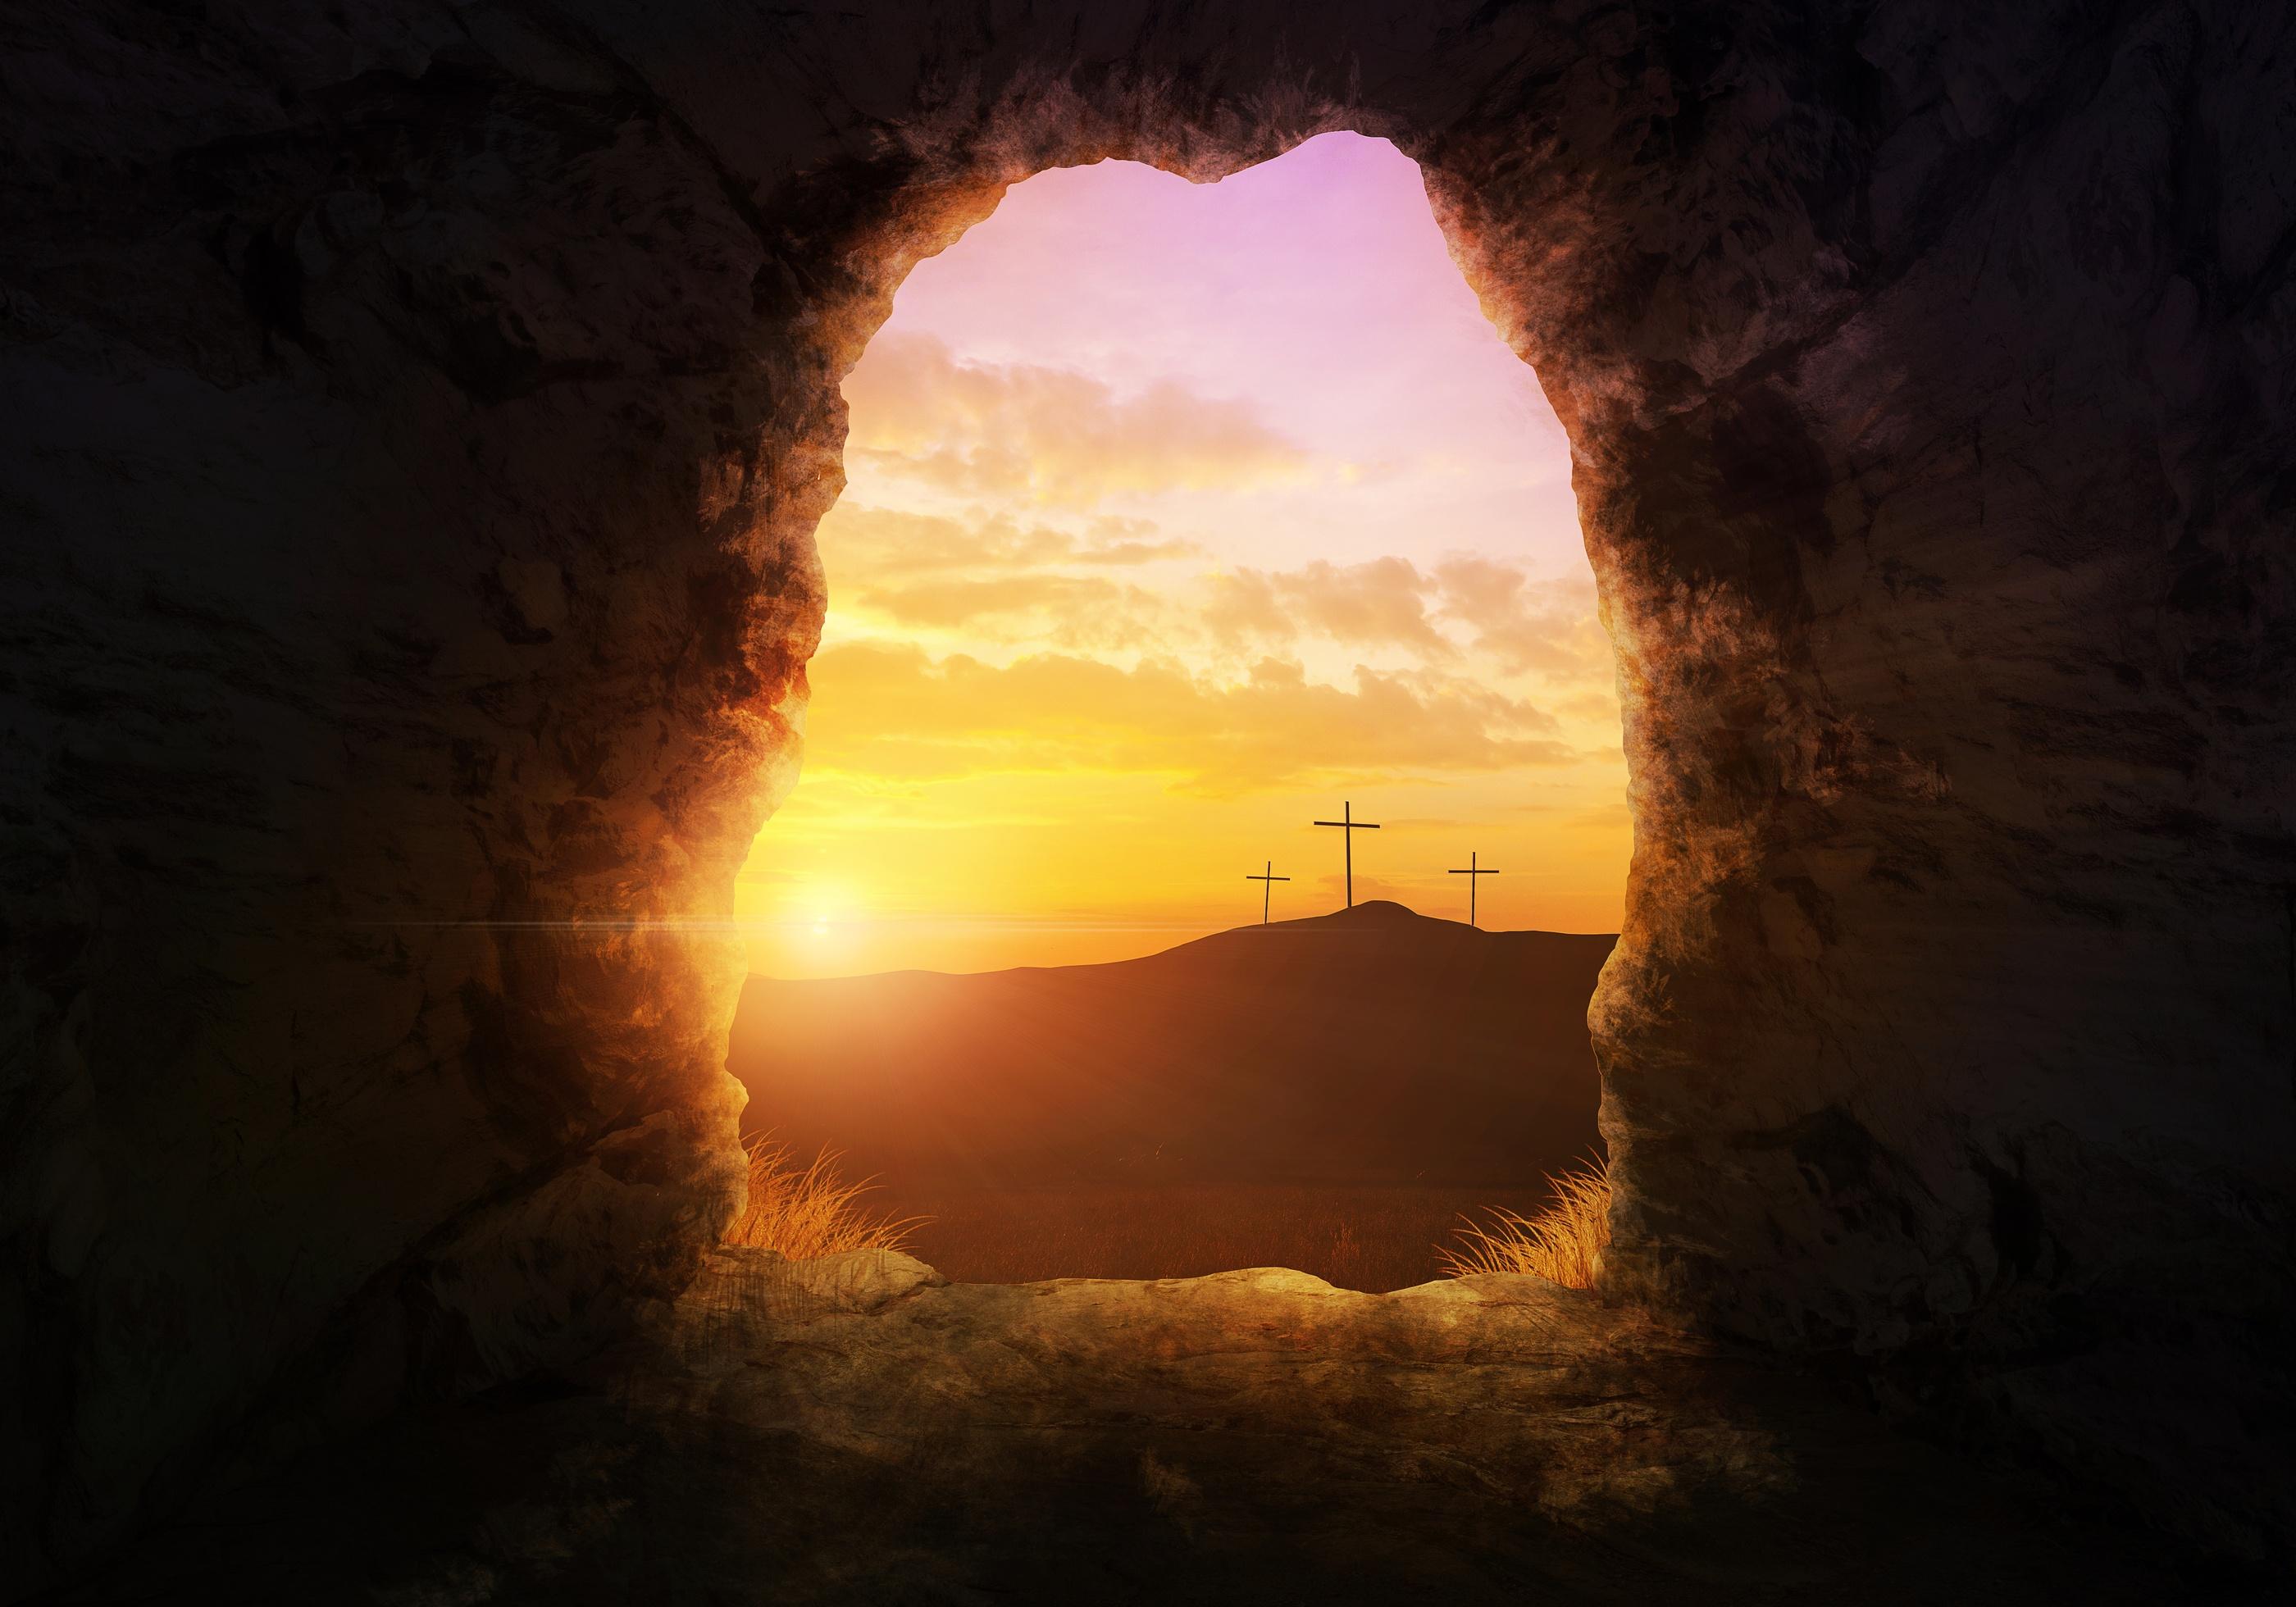 A Glimpse of the Risen Savior